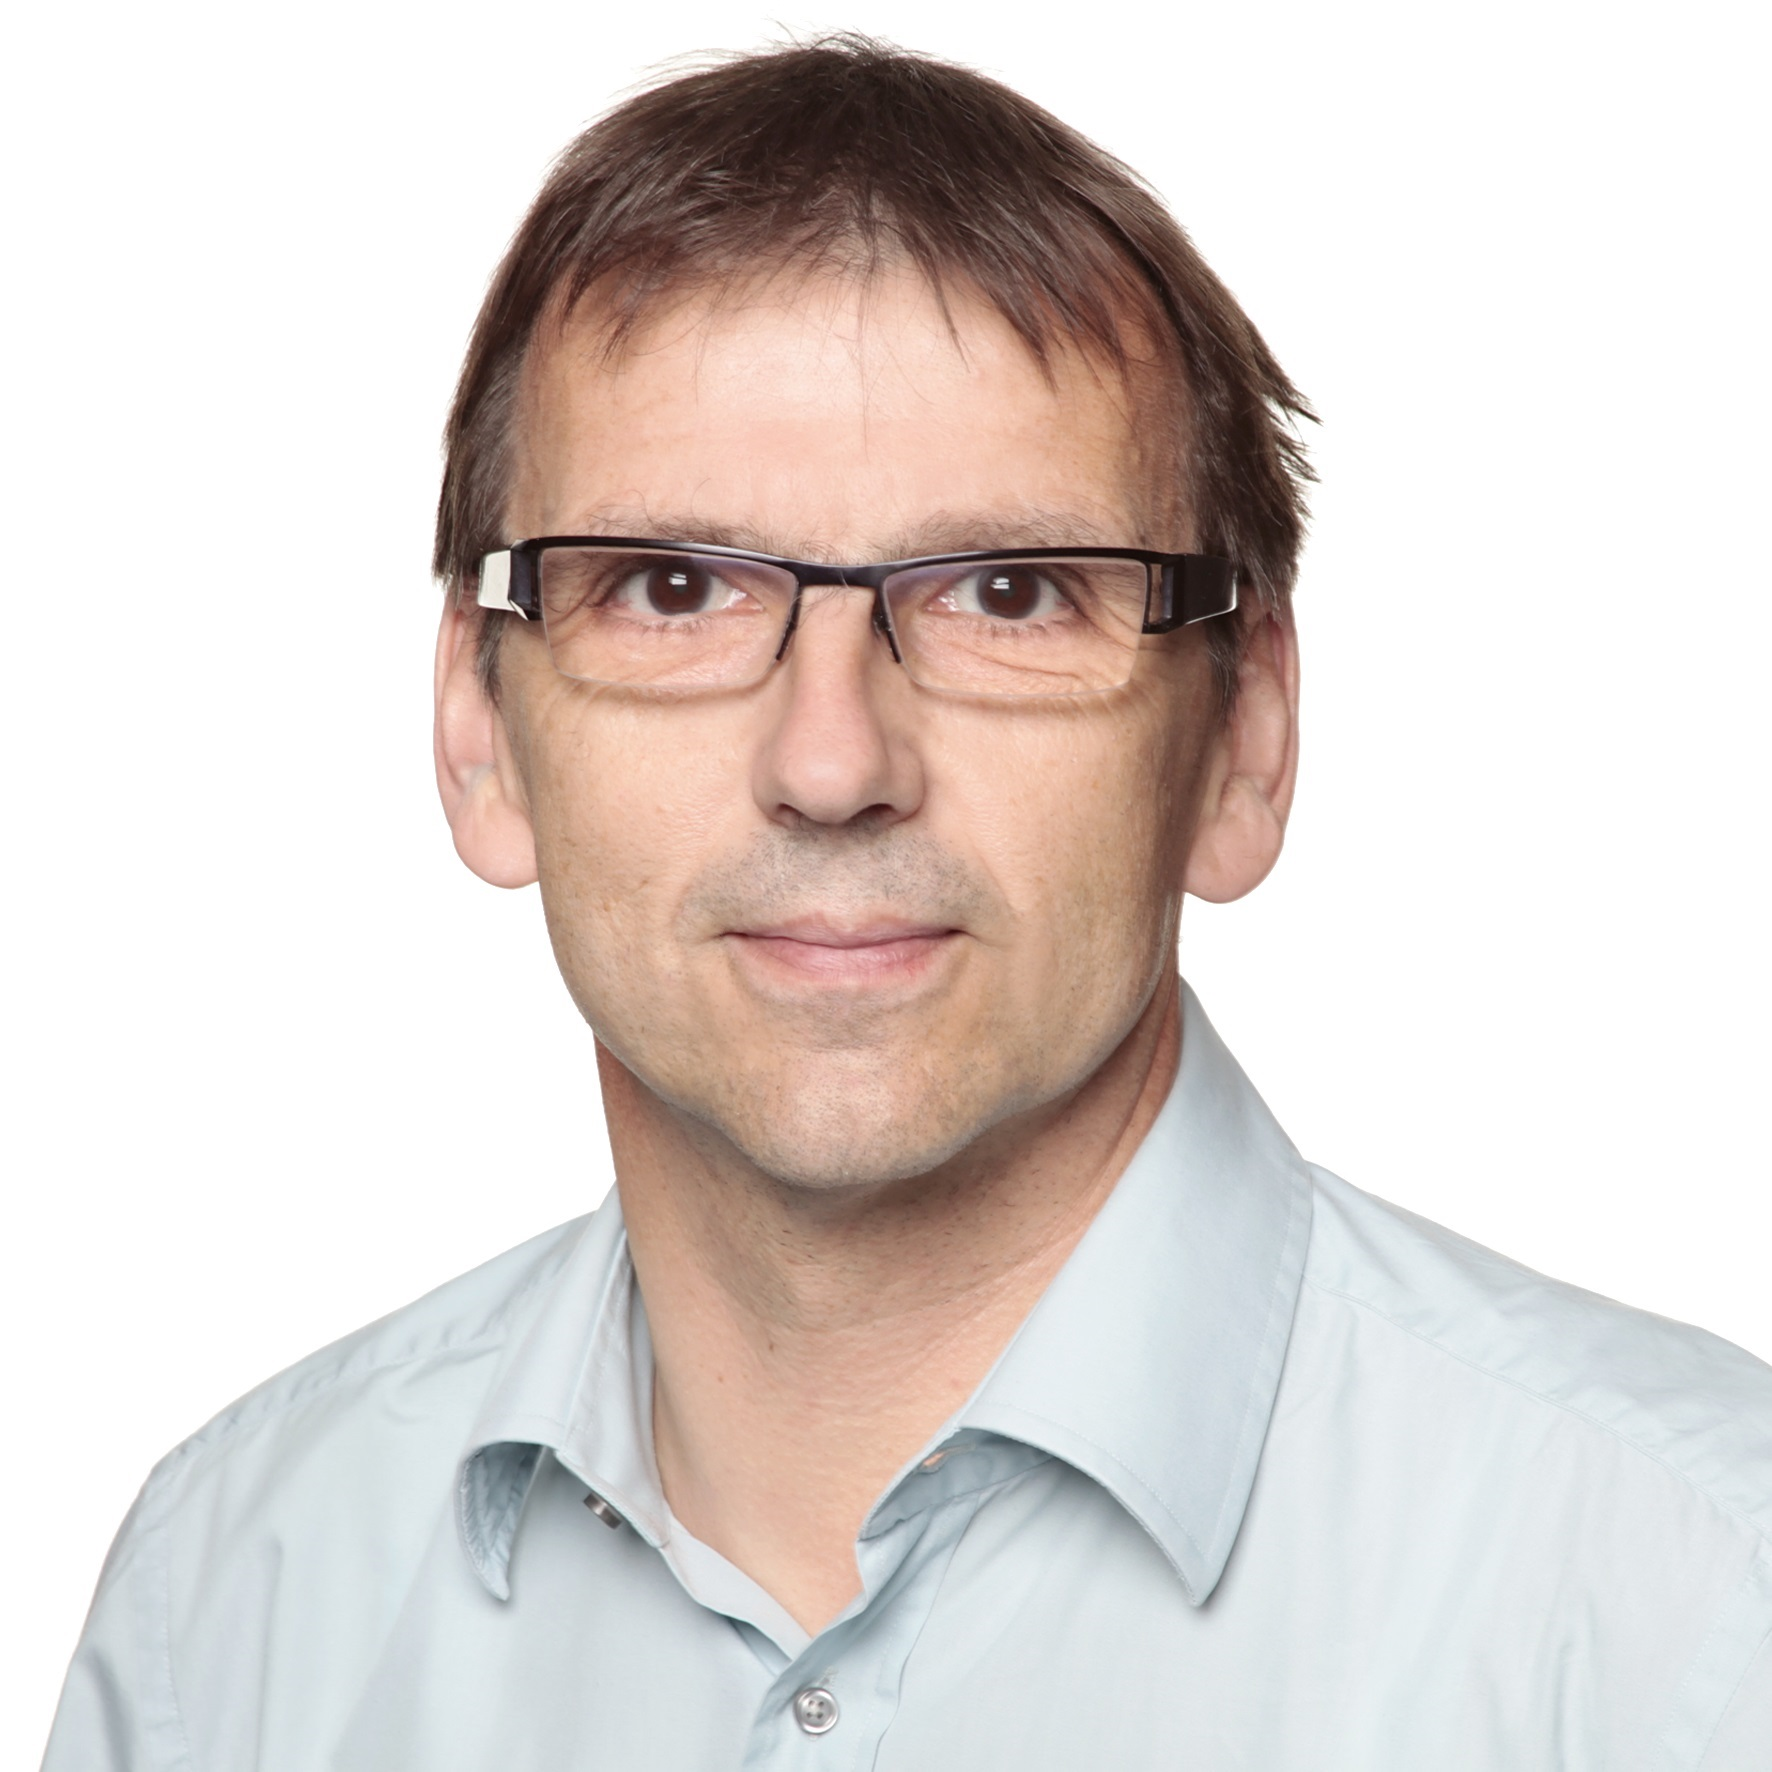 Professor Hans Hasse von der TU Kaiserslautern zum Vizepräsident der Deutschen Forschungsgemeinschaft gewählt